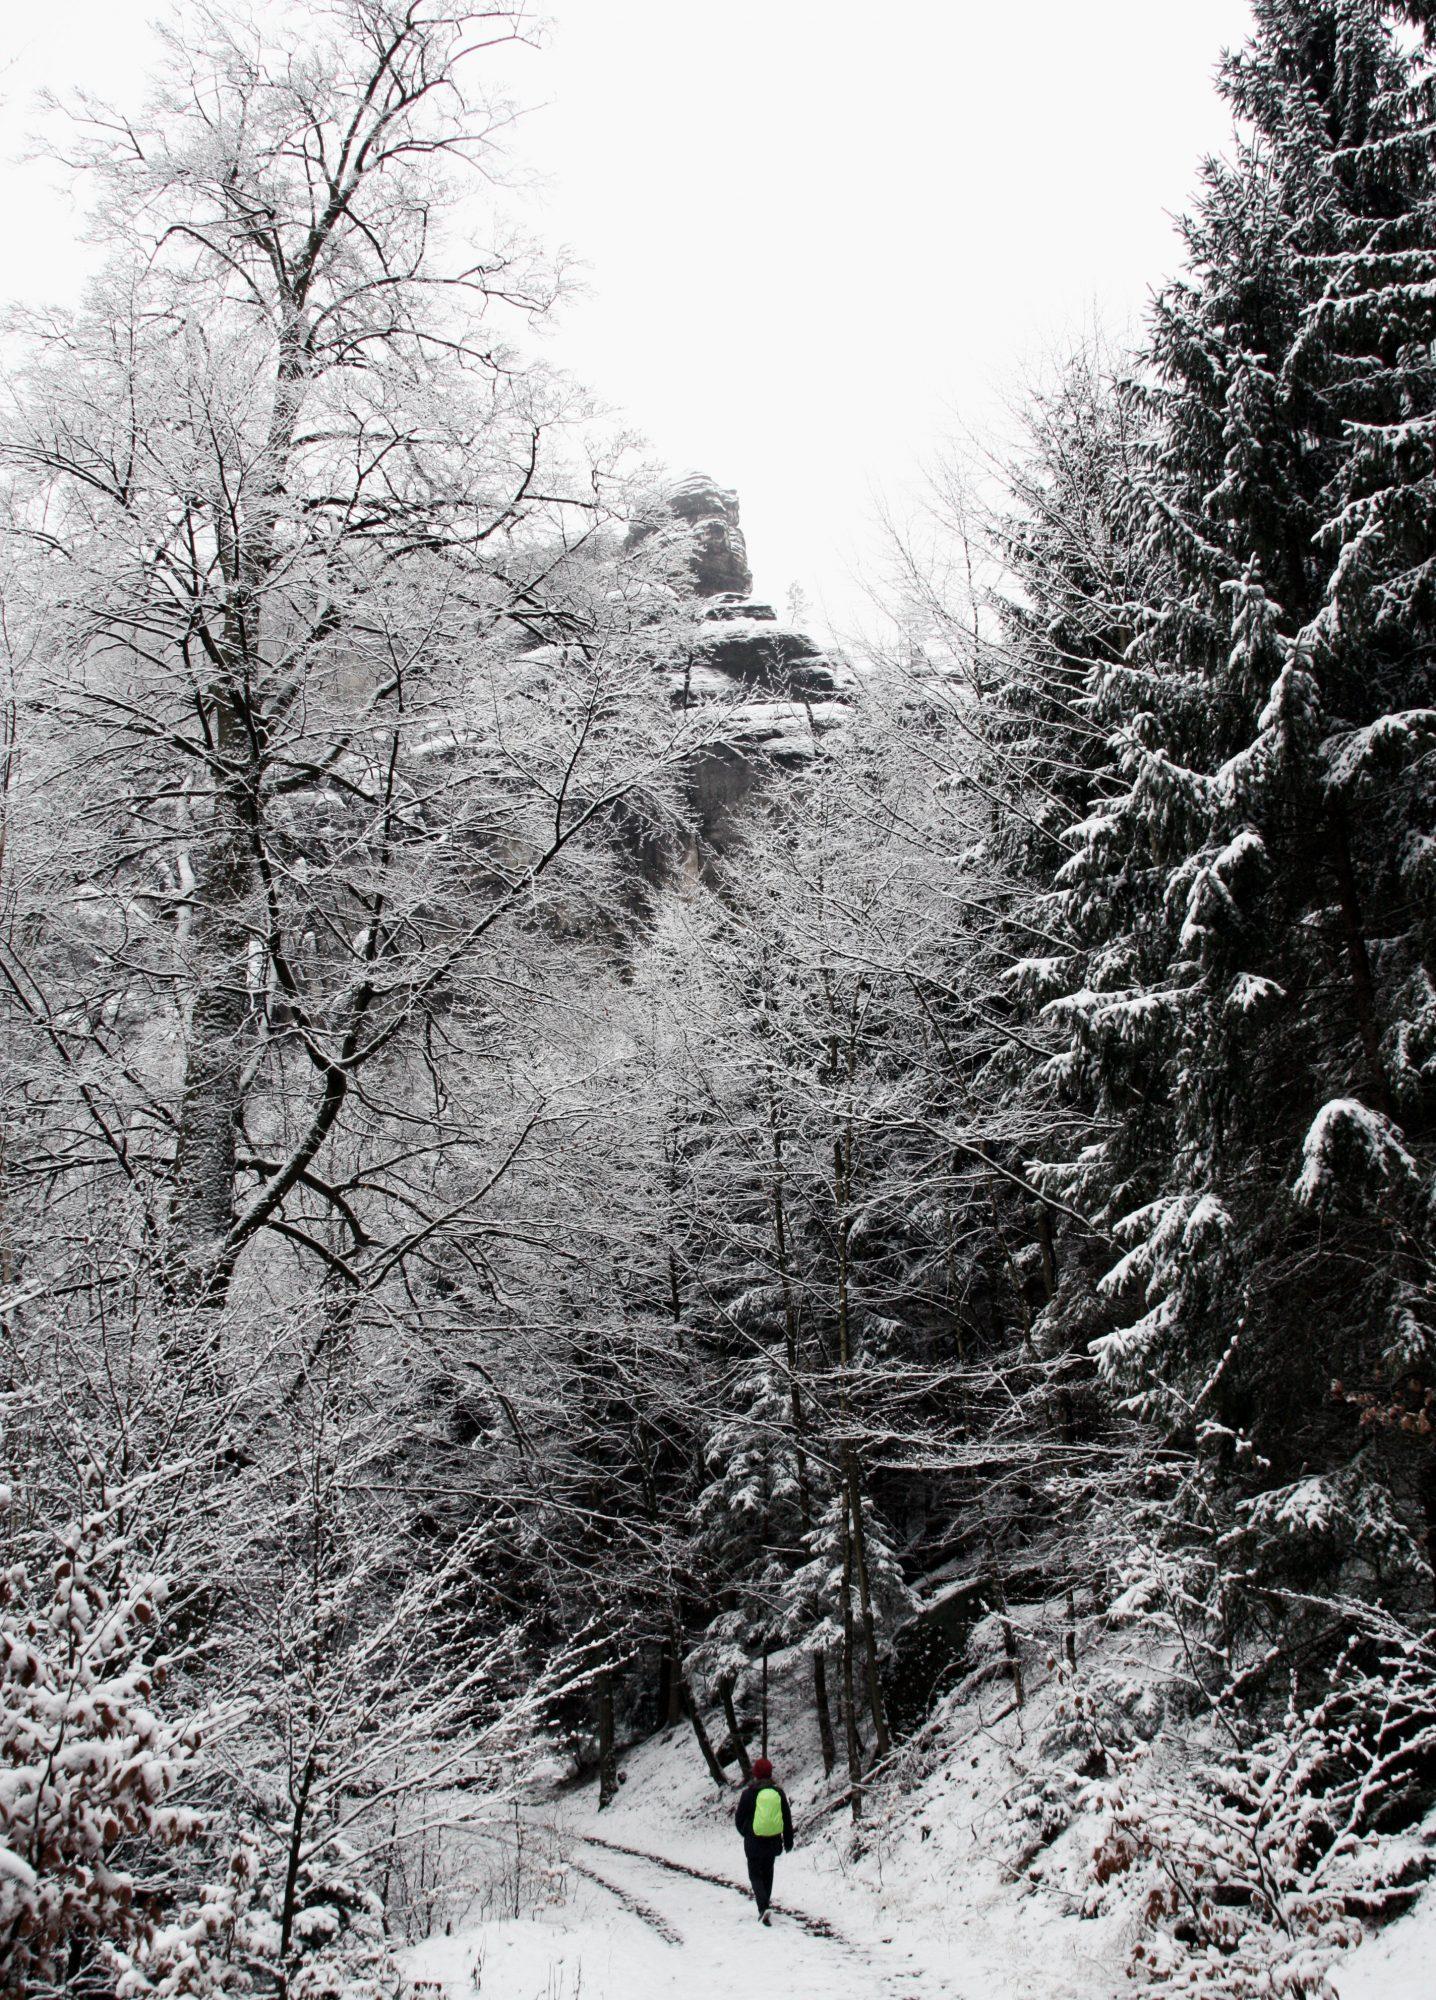 Elbsandsteingebirge, Sächsische Schweiz, Wandern, Wandertour